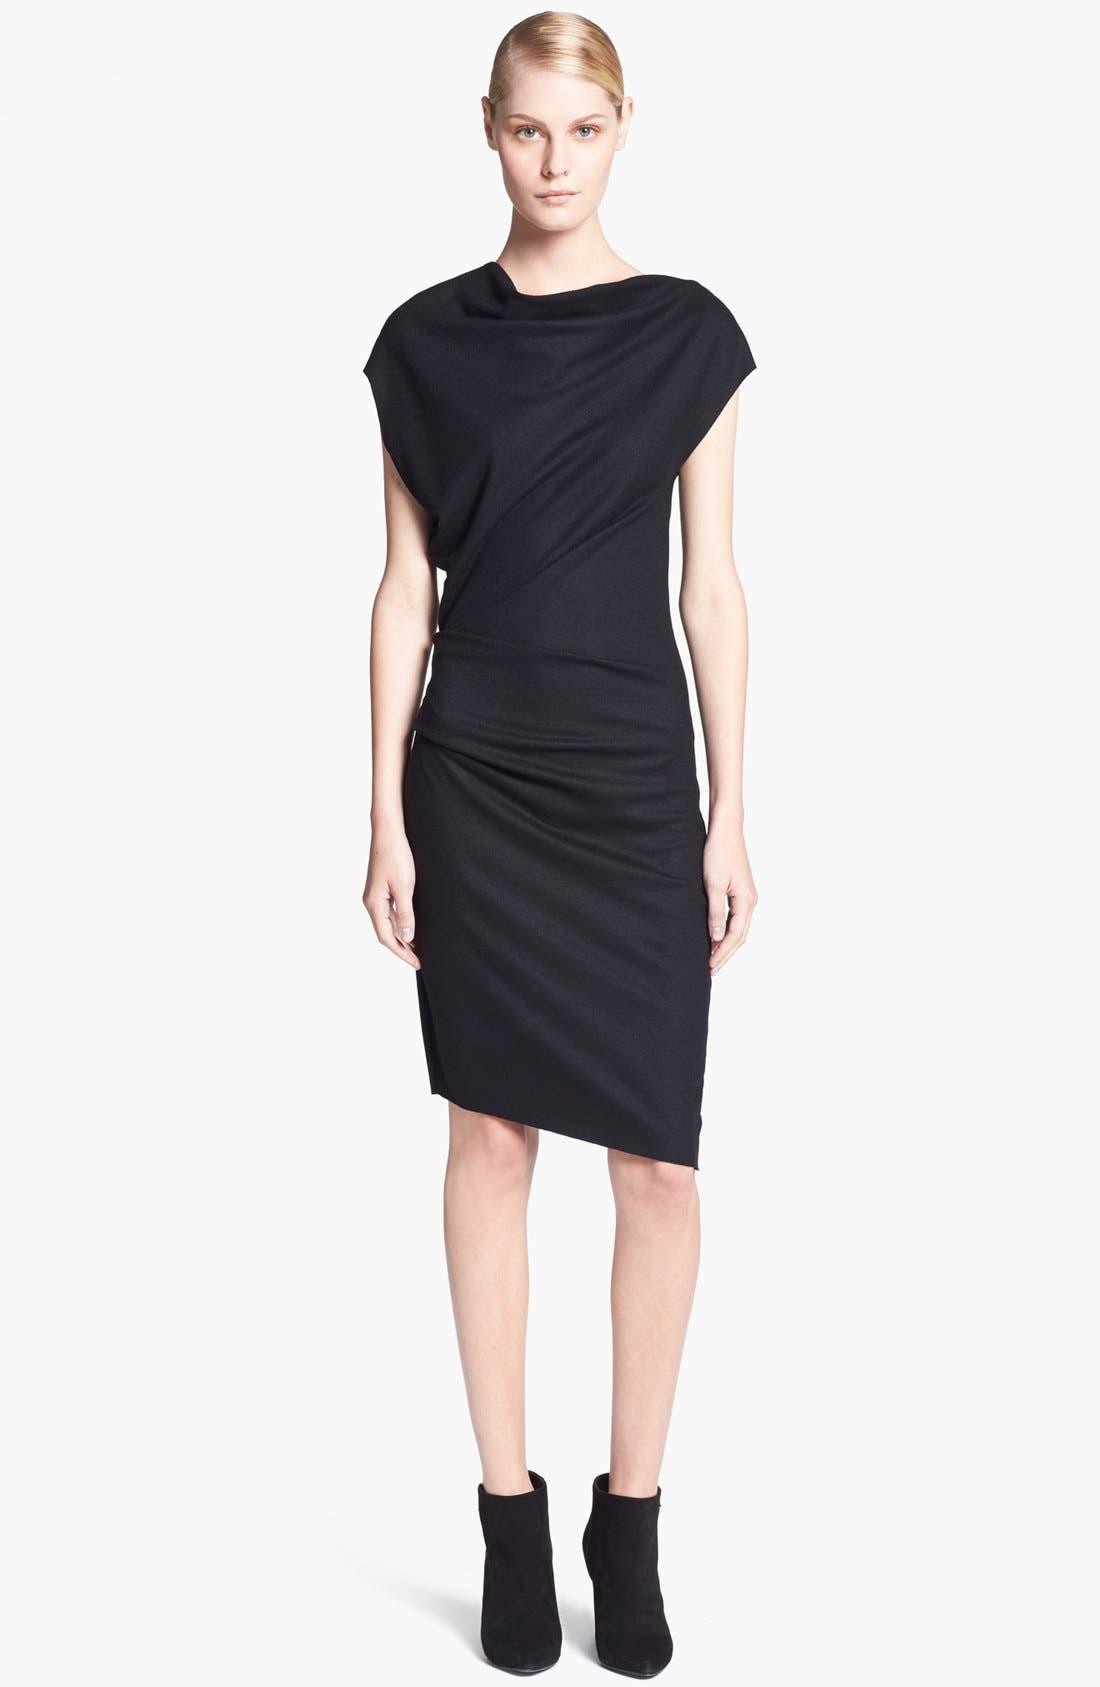 Alternate Image 1 Selected - Helmut Lang 'Sonar Wool' Asymmetrical Sleeve Dress